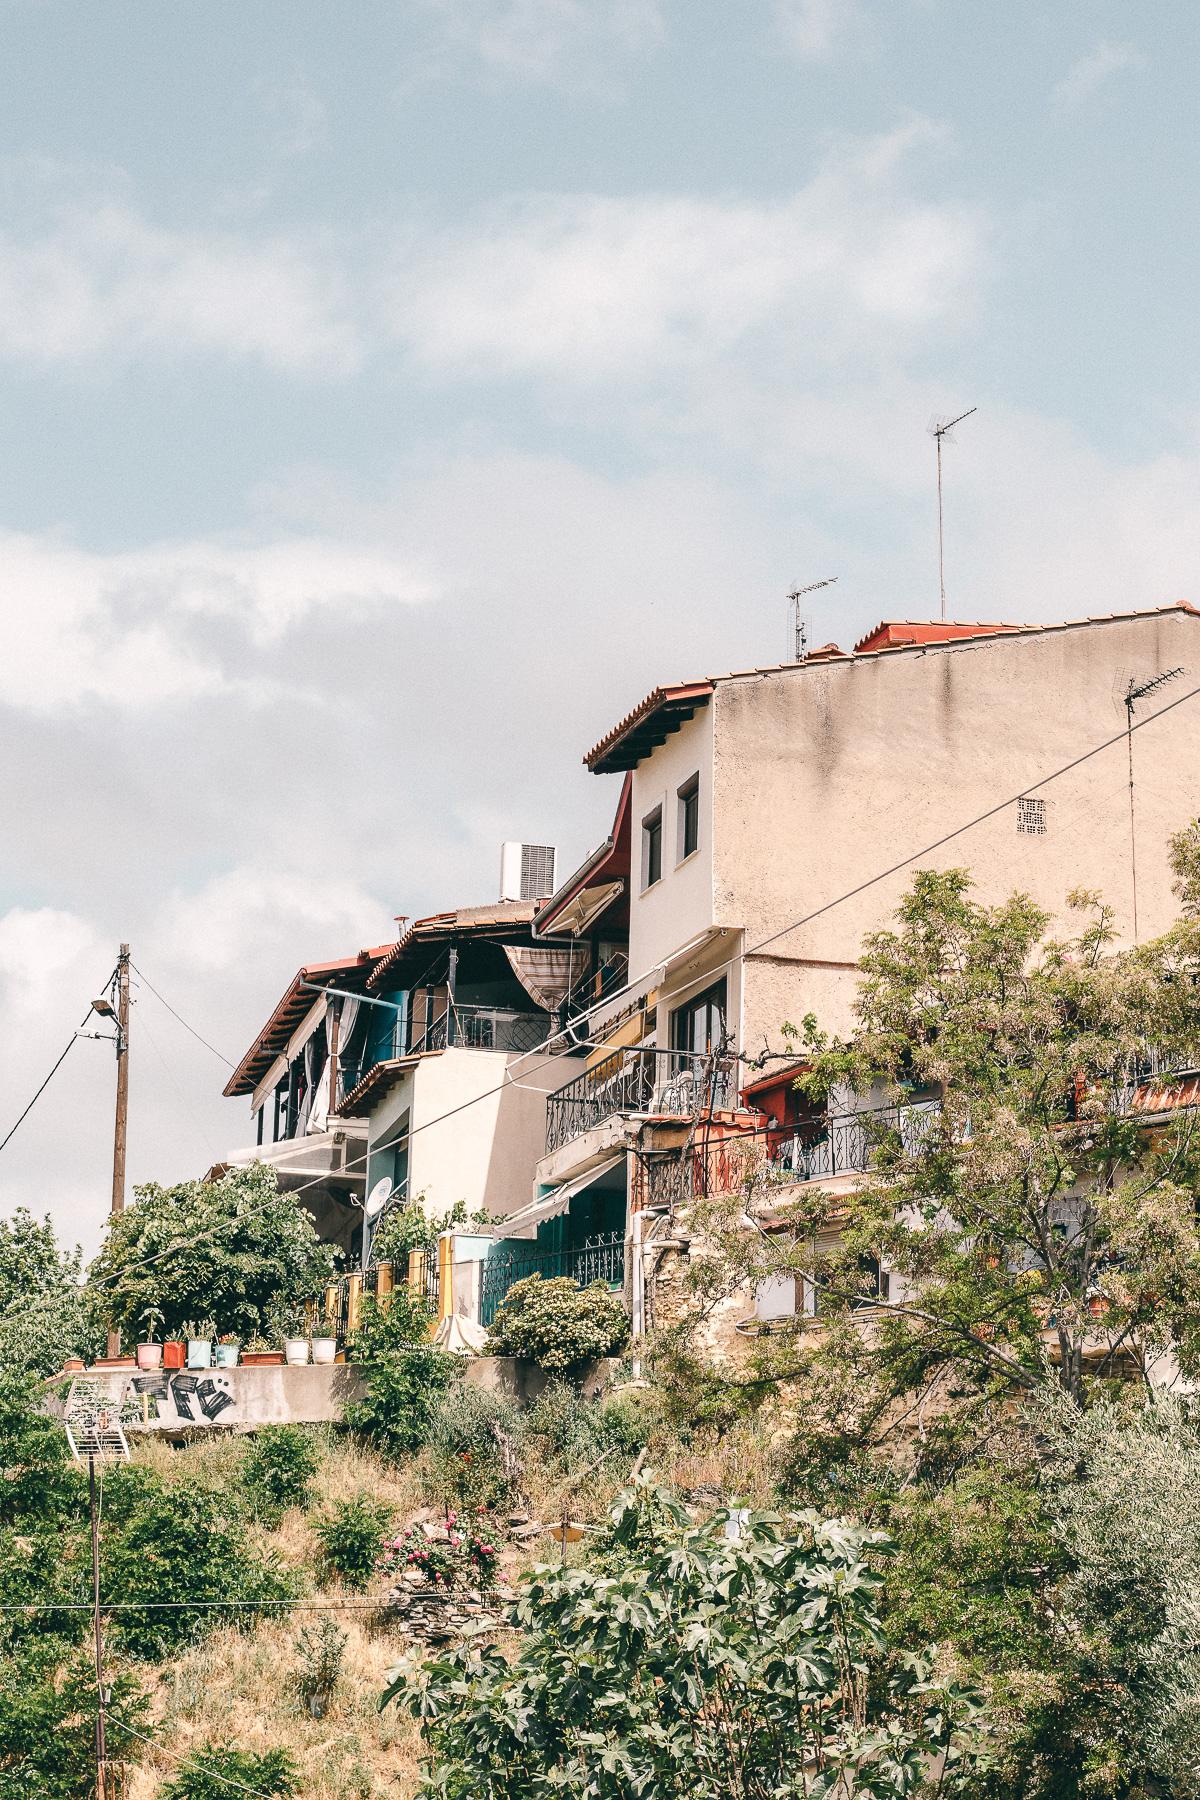 Griechenland Sightseeing